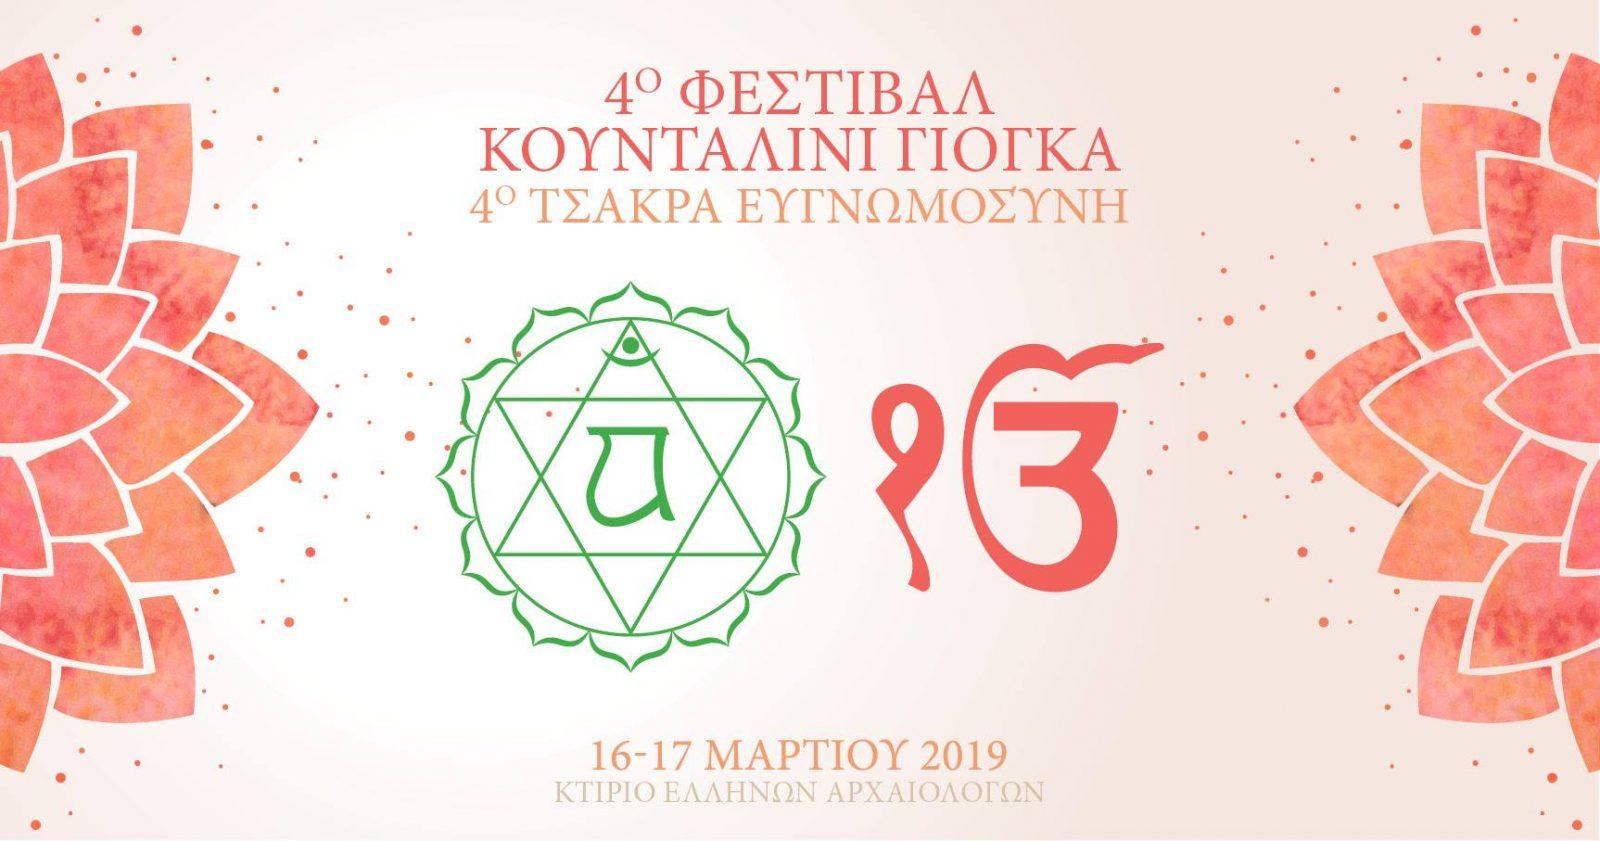 4ο Φεστιβάλ Κουνταλίνι Γιόγκα στην Αθήνα